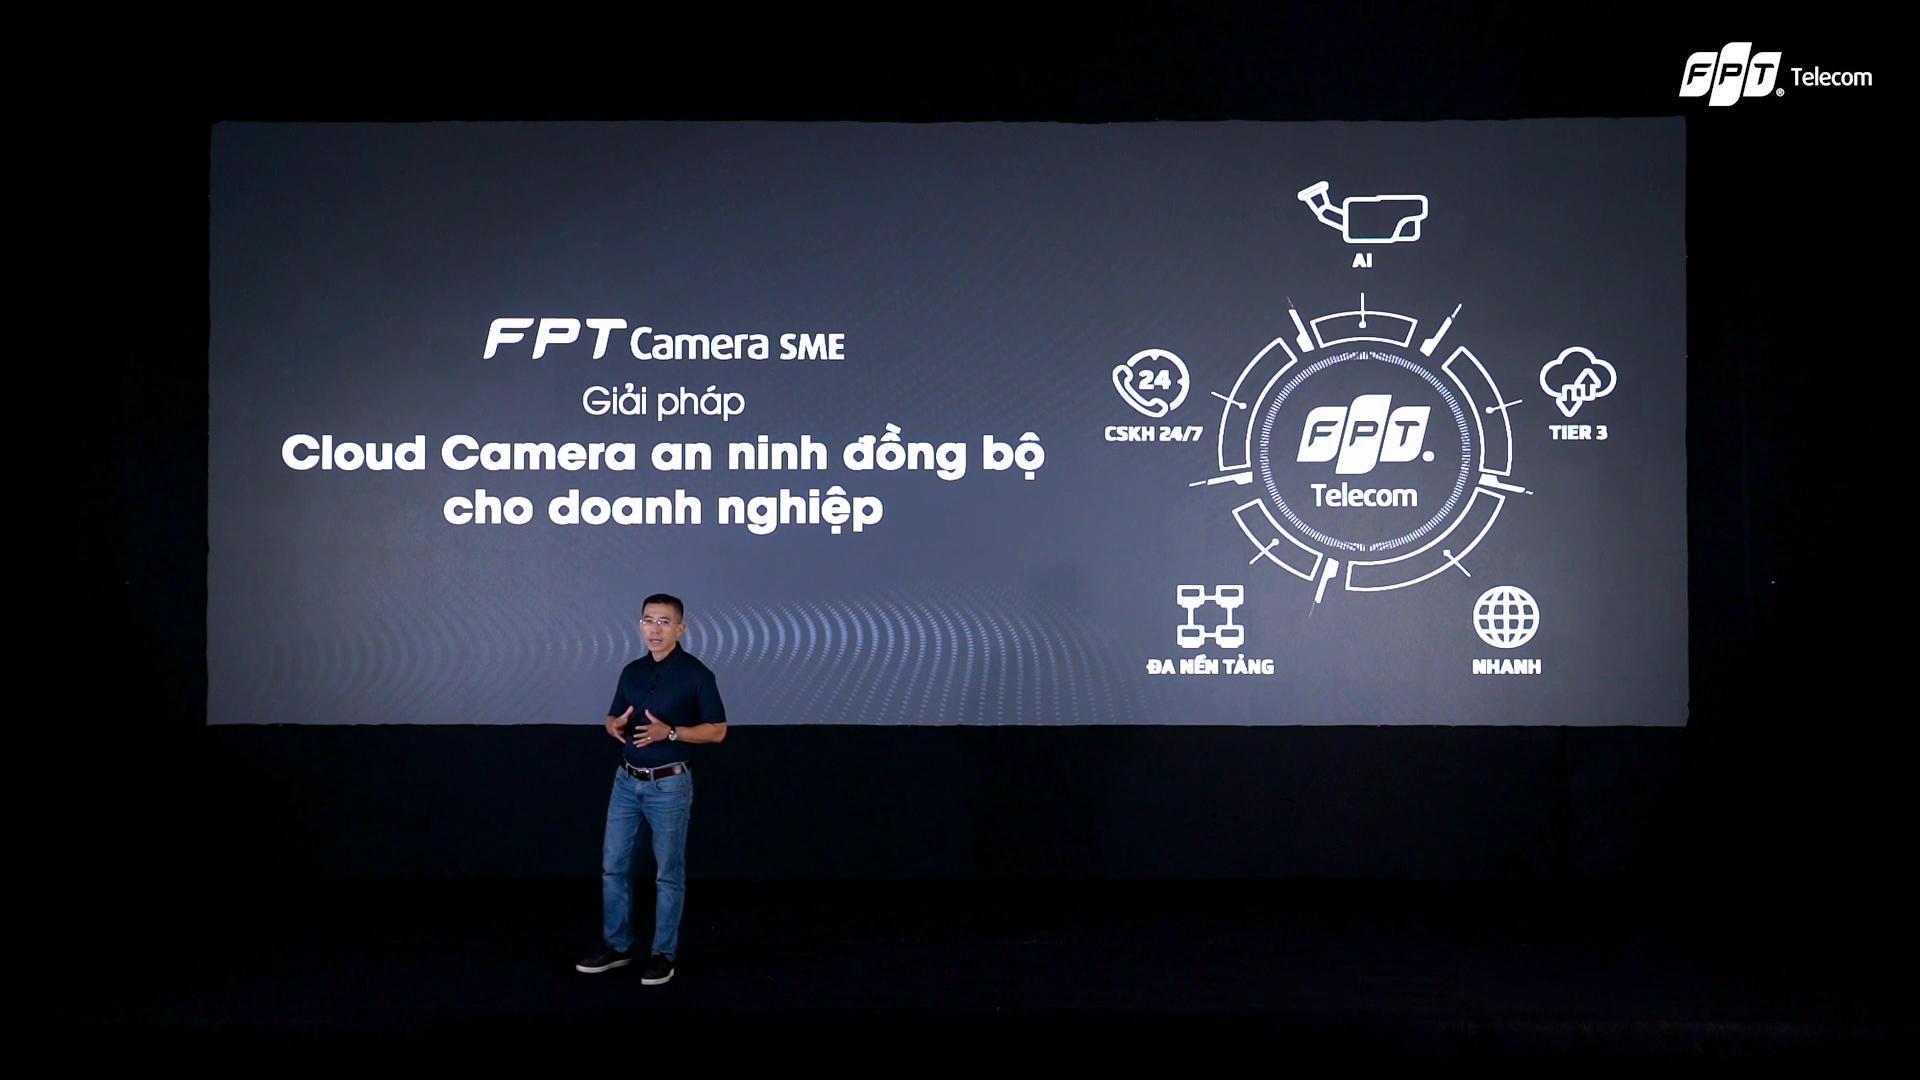 FPT Camera SME, giải pháp camera an ninh toàn diện cho doanh nghiệp